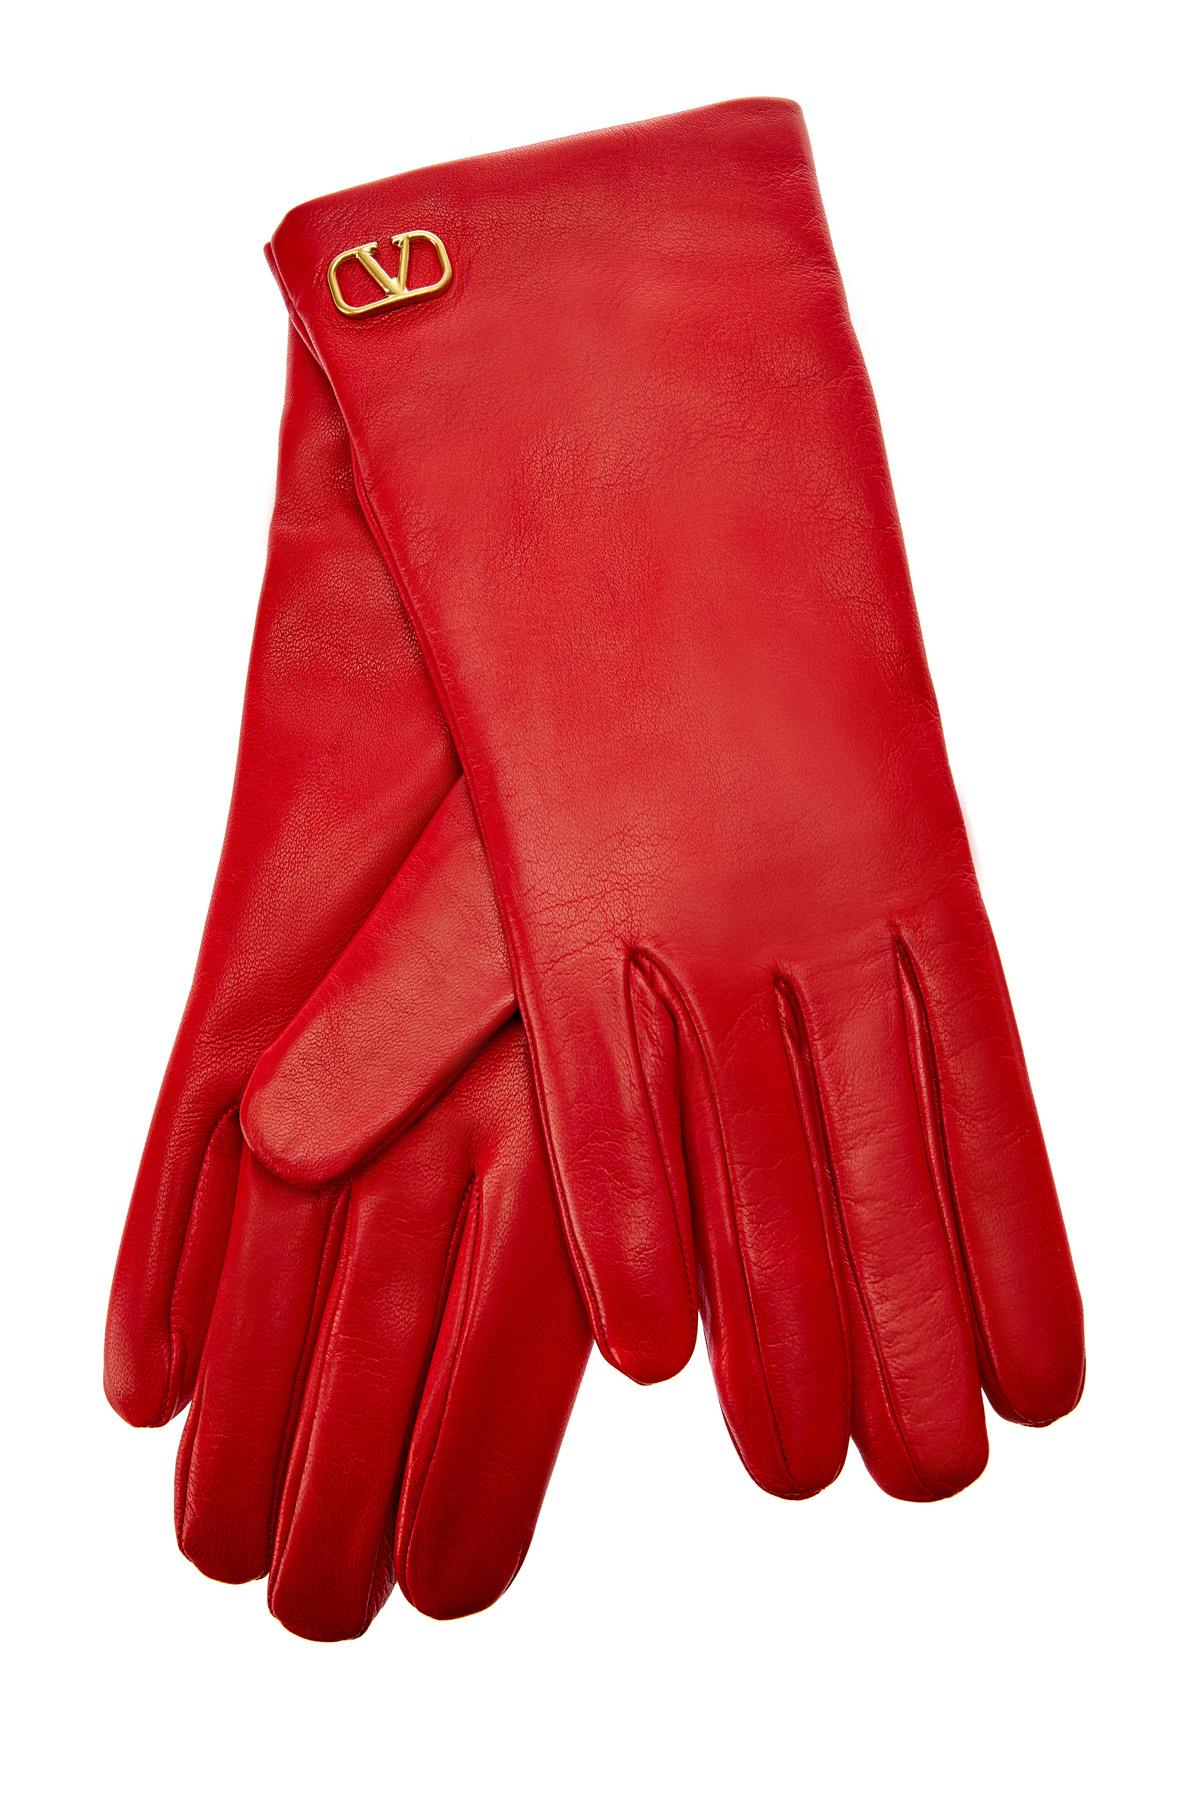 Кожаные перчатки с подкладкой из кашемира фото